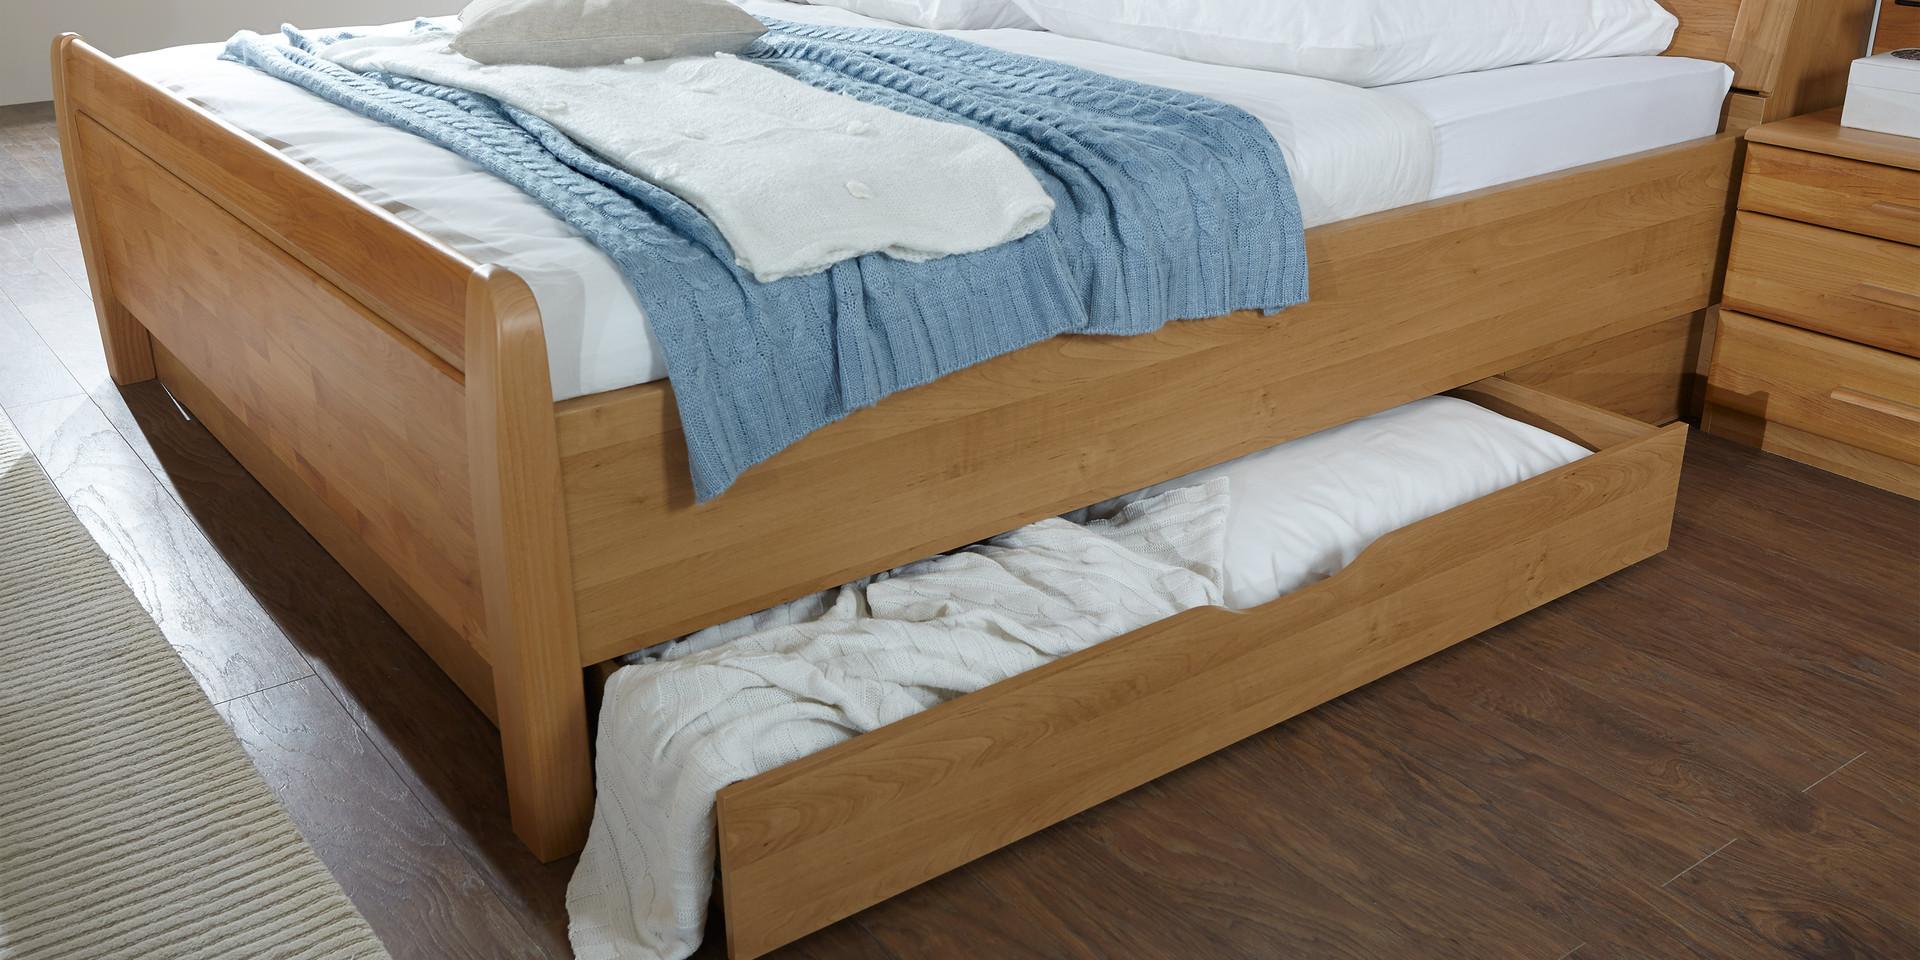 schlafzimmer mit bettkasten lilashouse. Black Bedroom Furniture Sets. Home Design Ideas